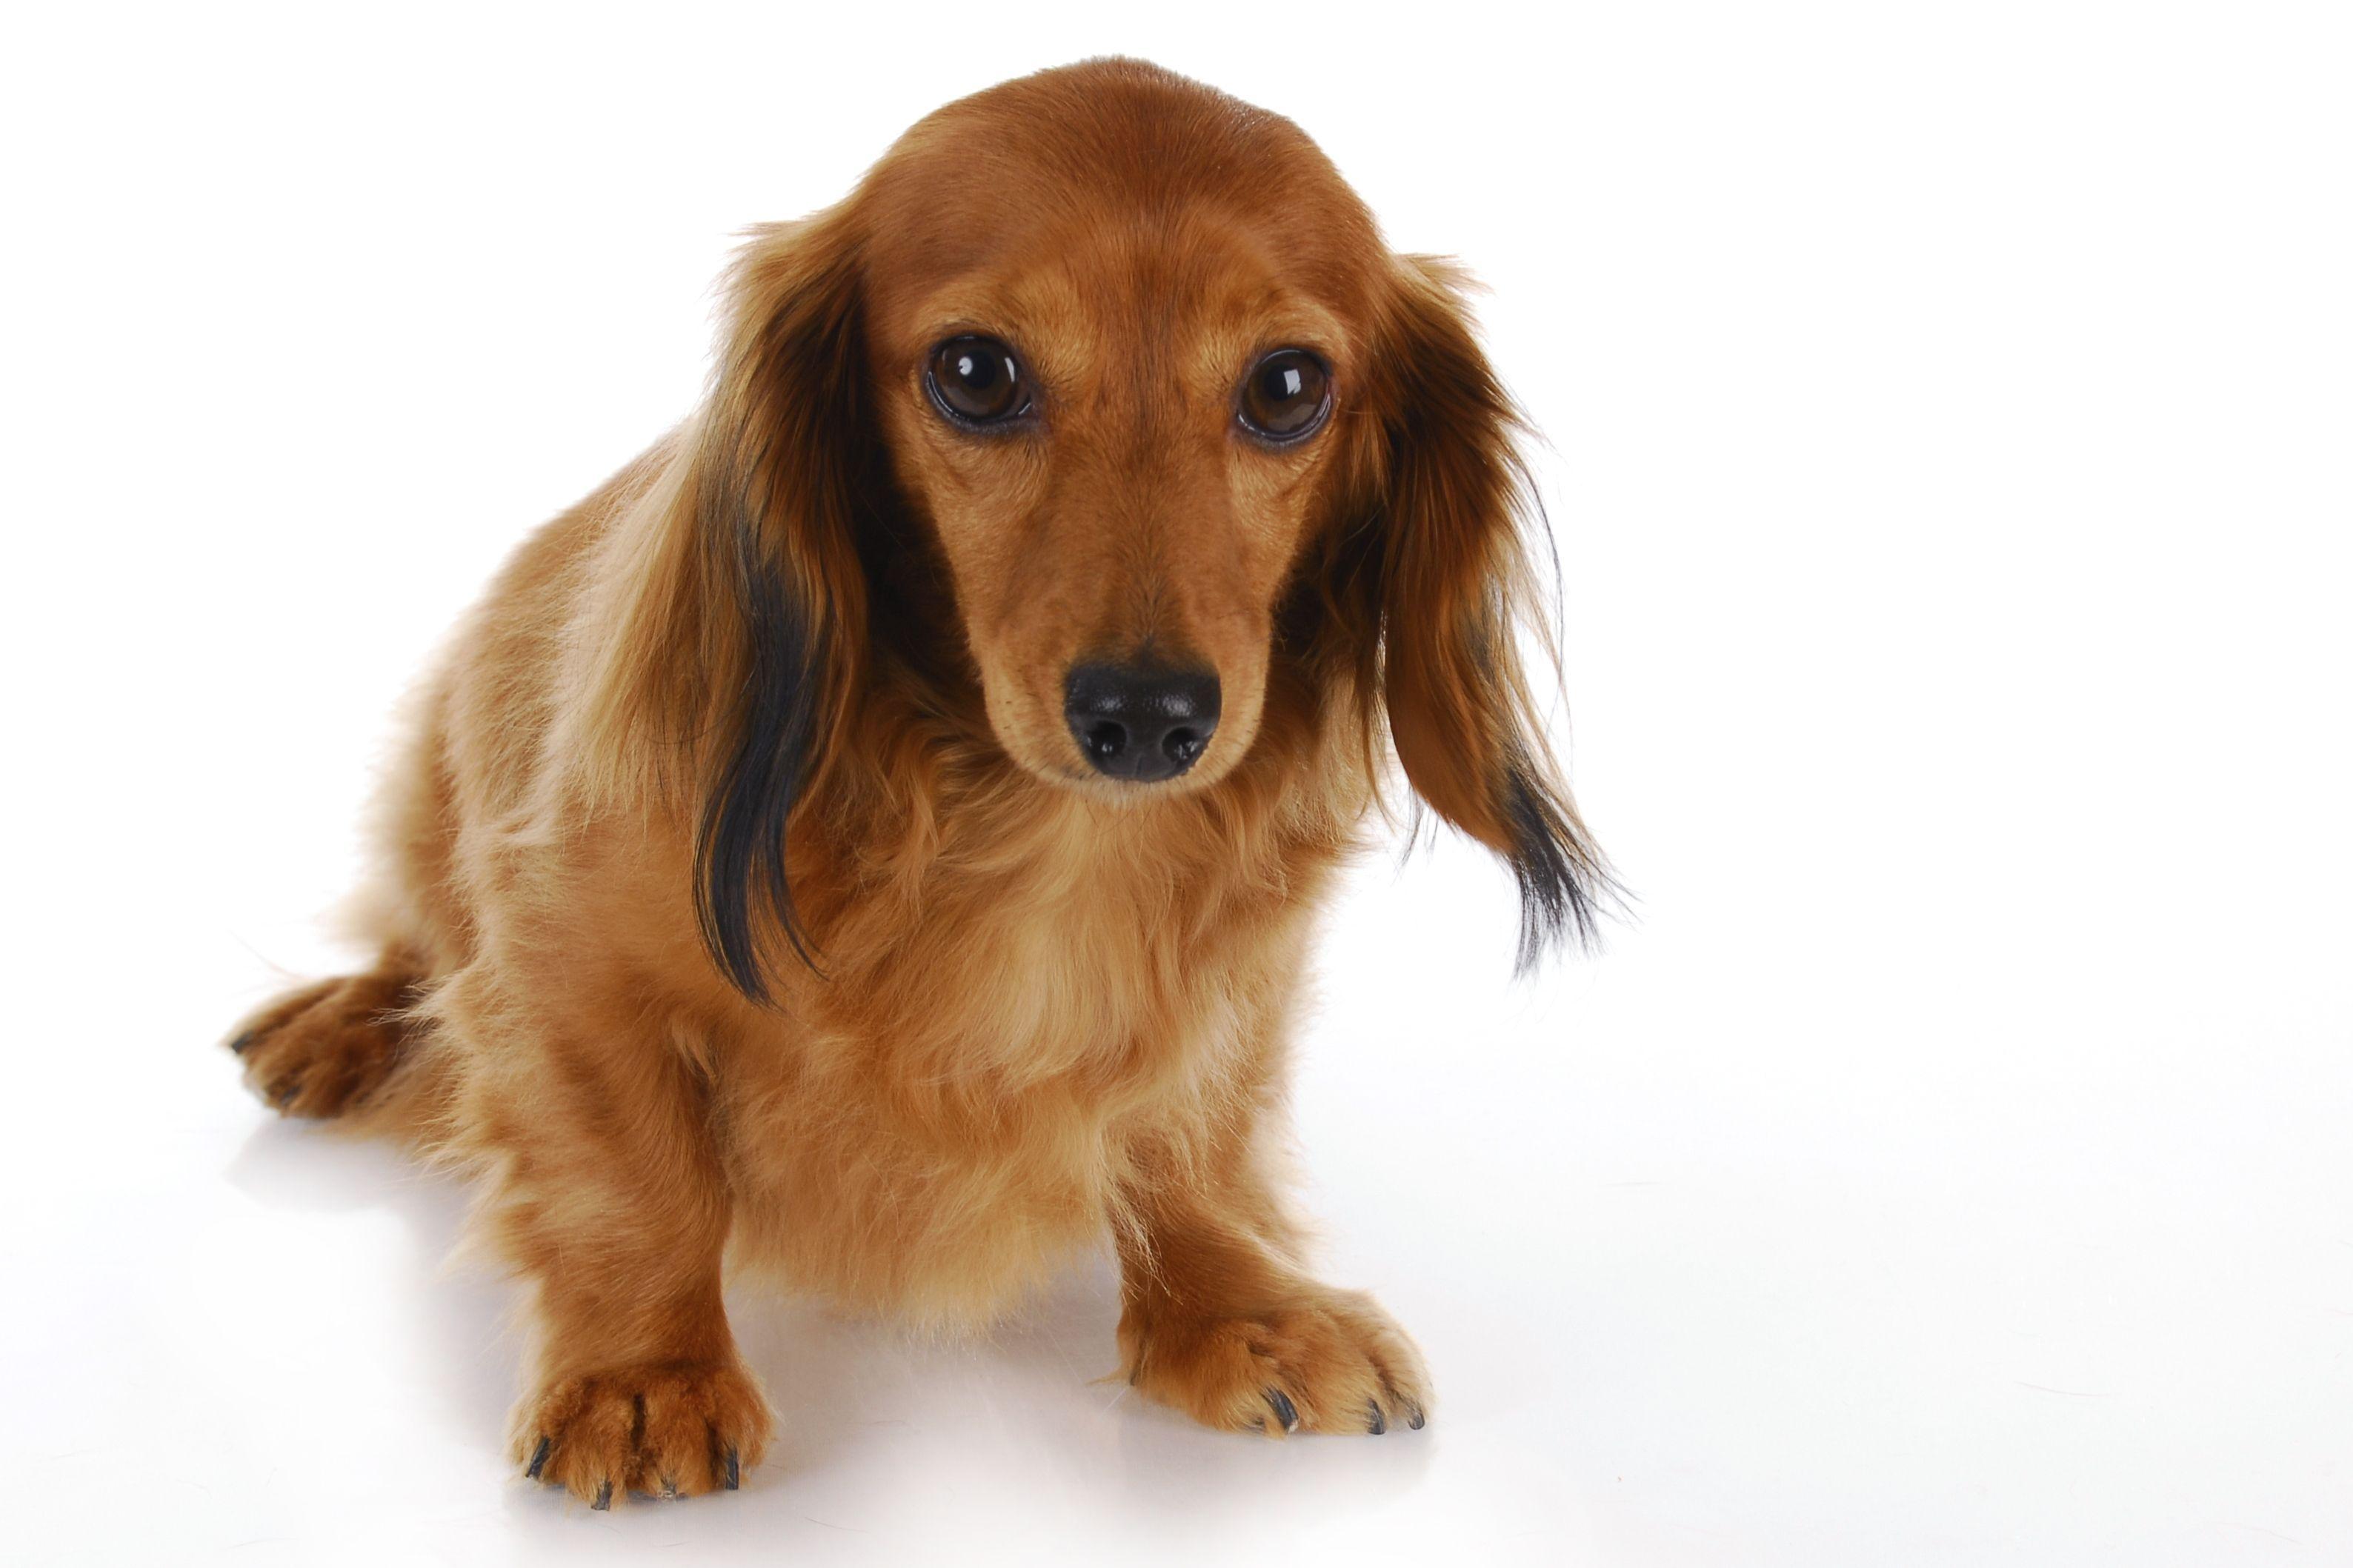 Mon chien a mal au ventre - Mon chien a des gaz - Doctissimo